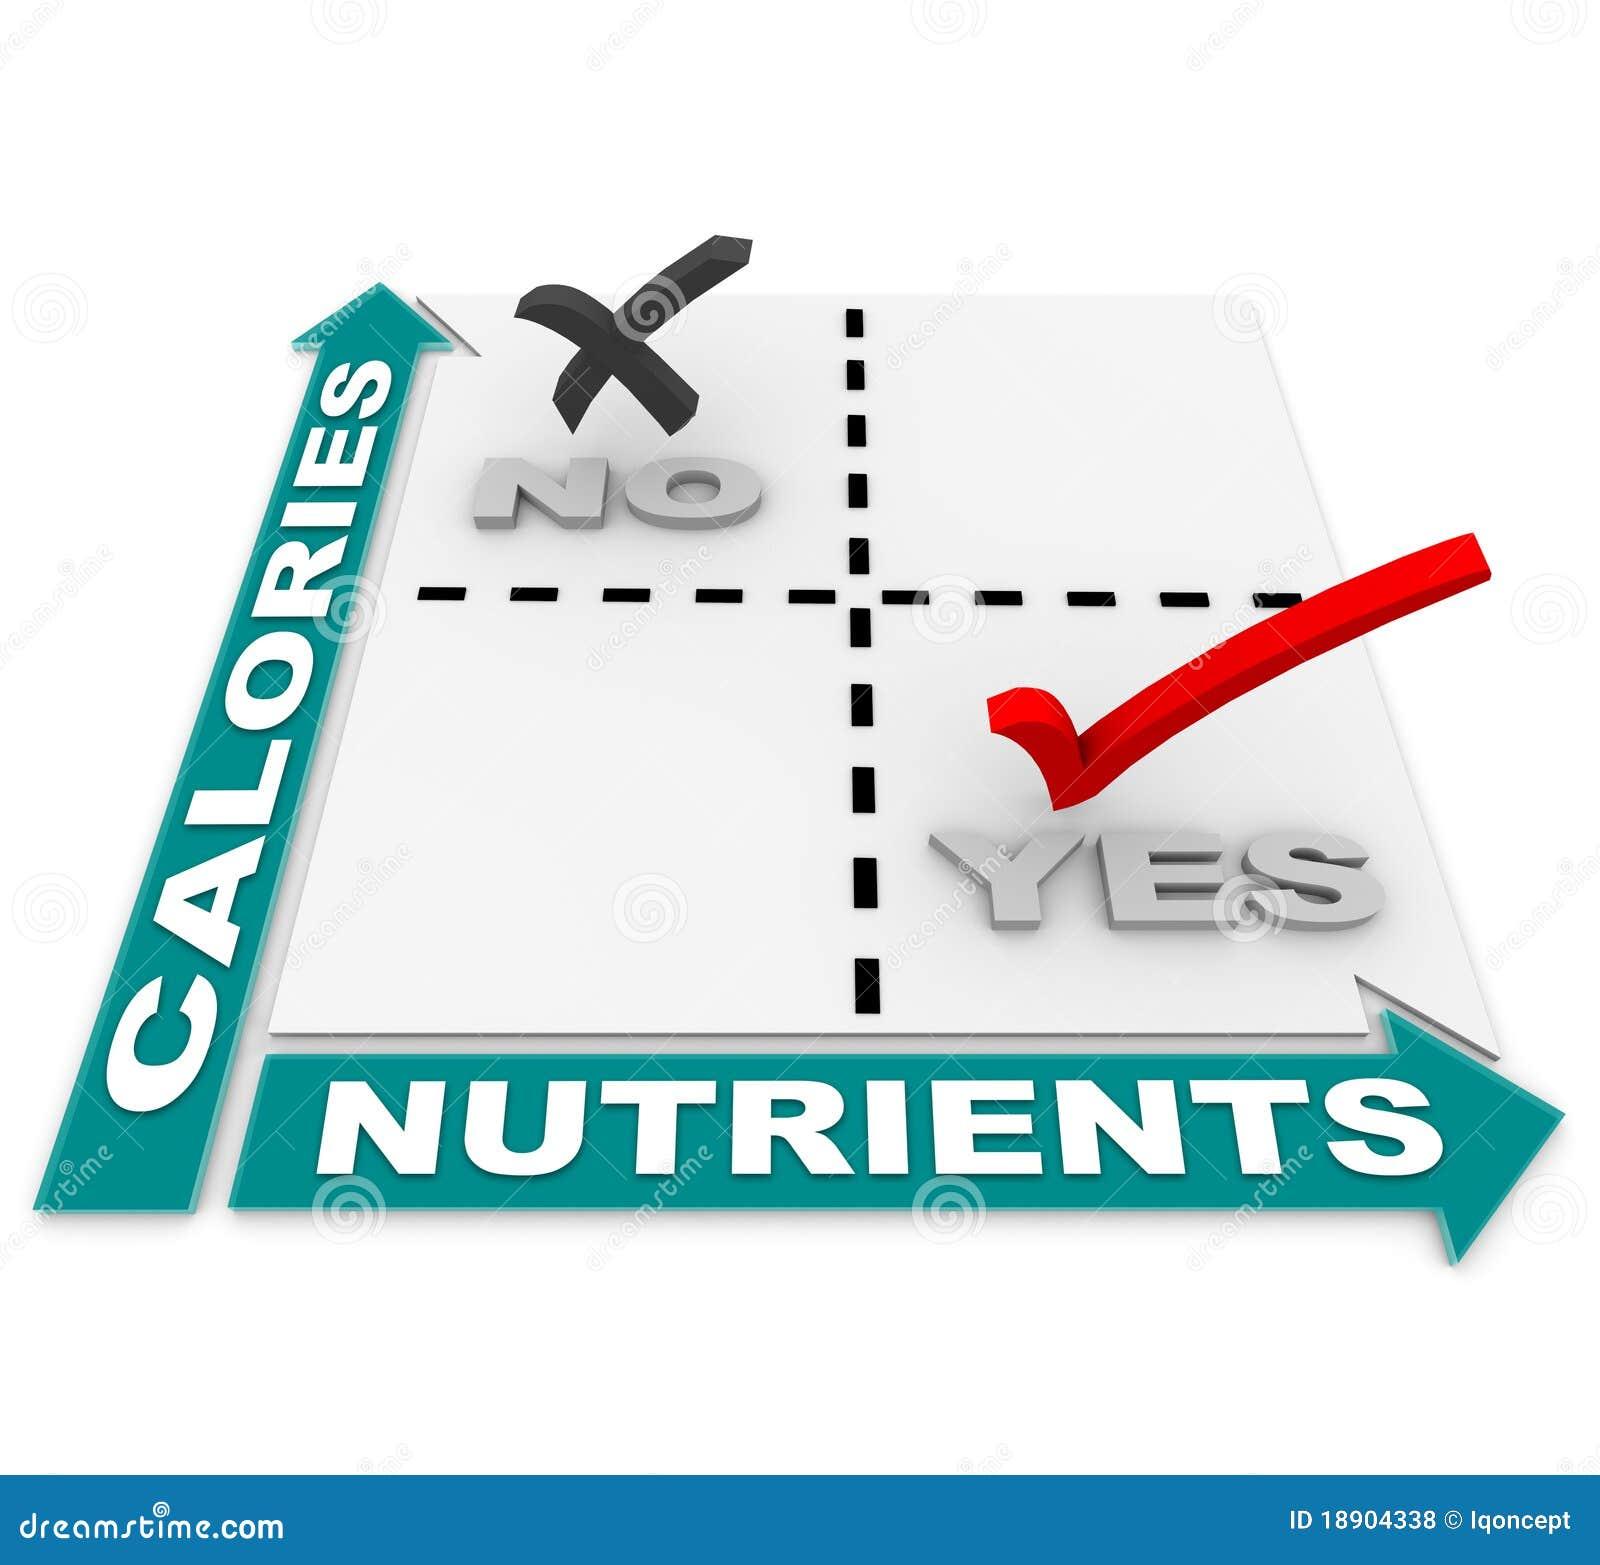 Nutrition vs Calories Matrix - Diet Best Foods